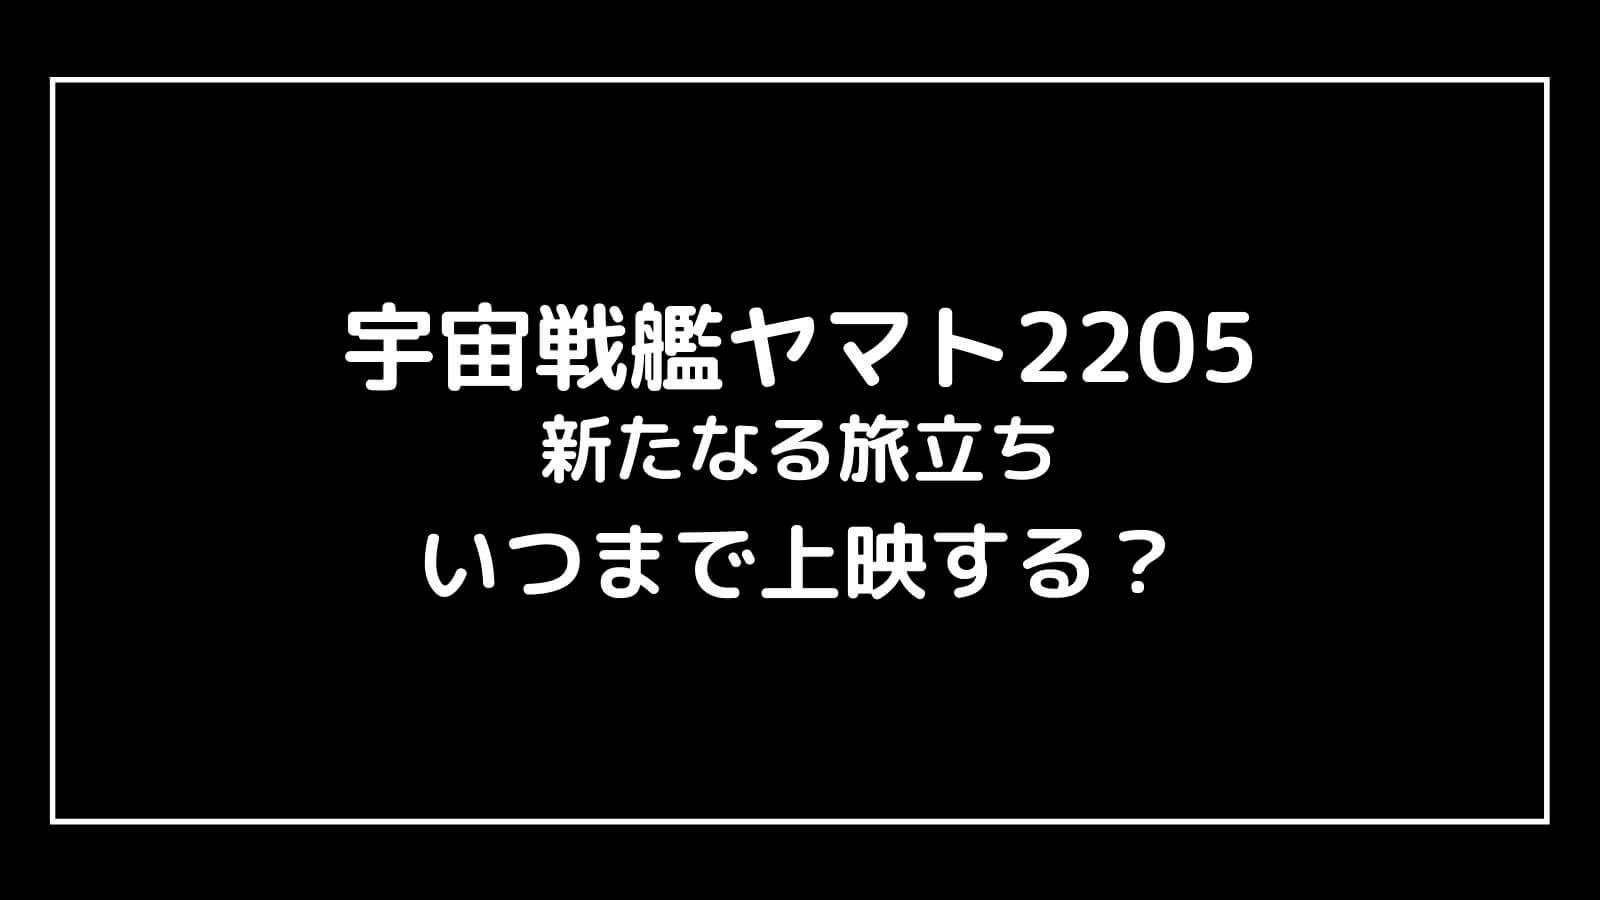 映画『宇宙戦艦ヤマト2205 新たなる旅立ち』はいつまで上映する?元映画館社員が公開期間を予想